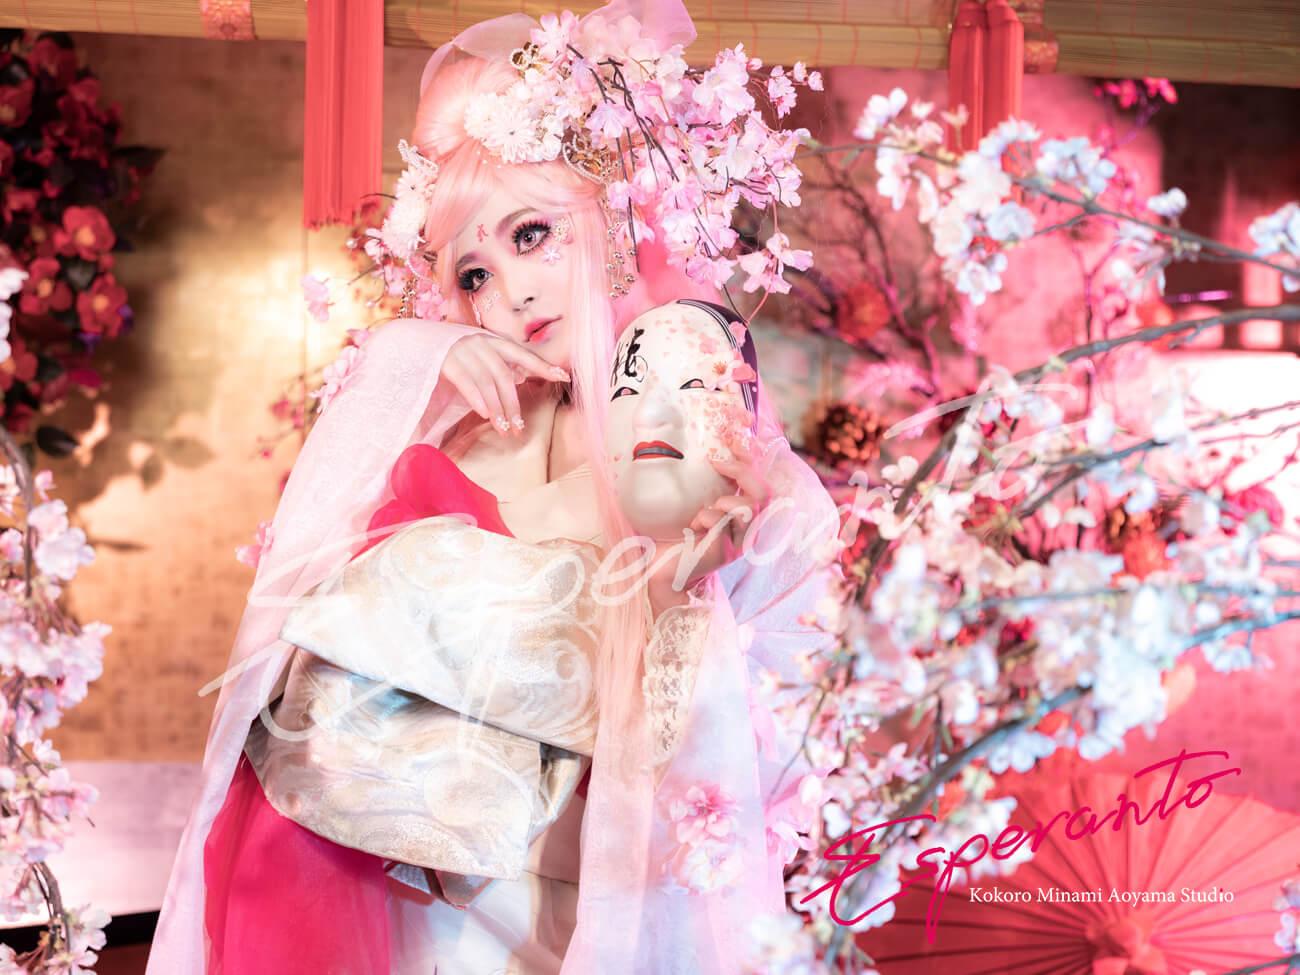 桜樂姫 キャンペーン